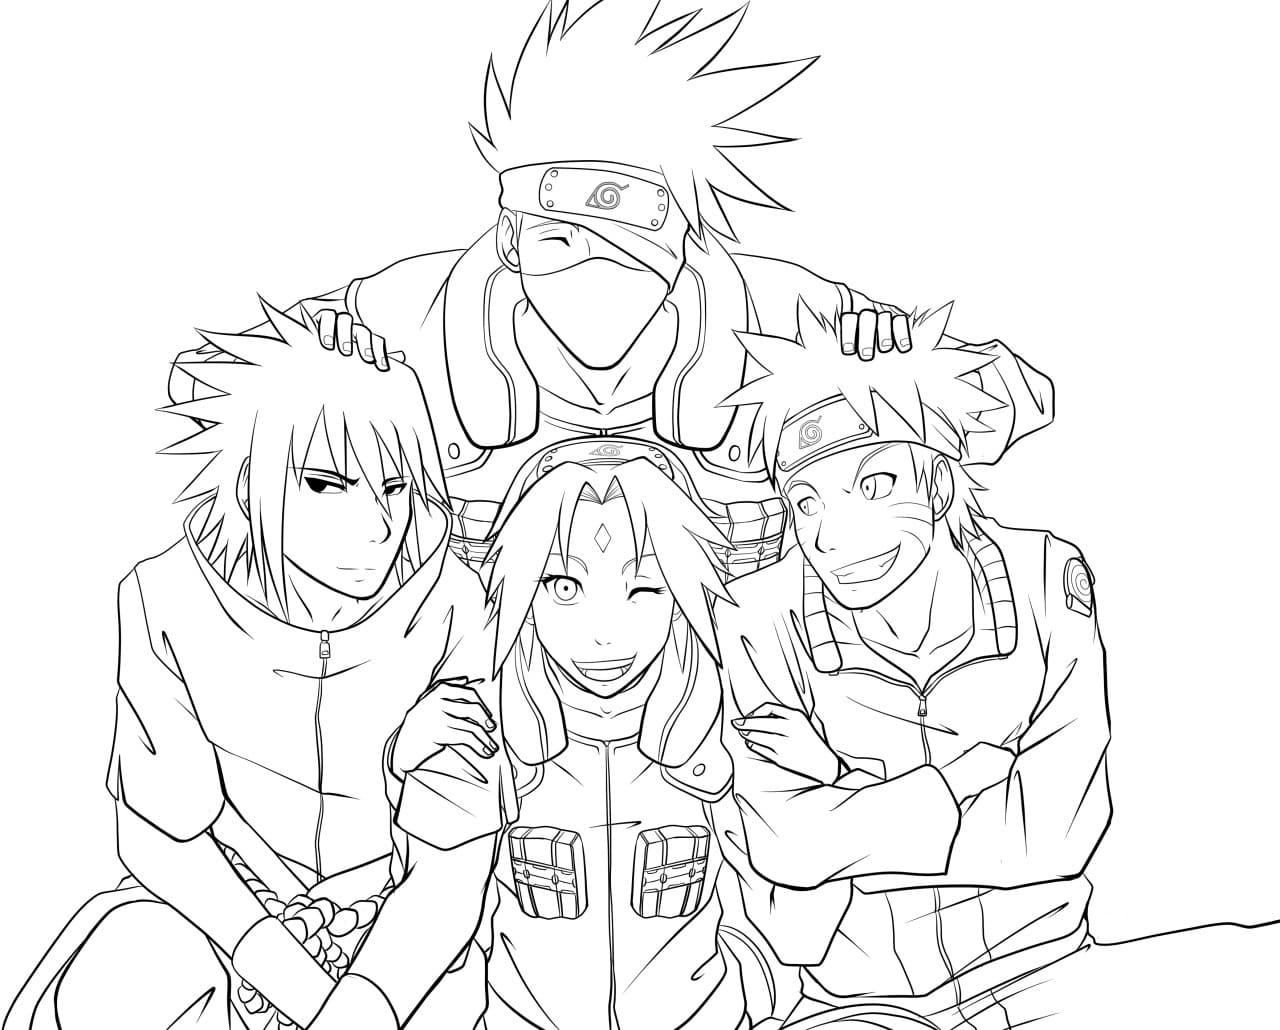 Ausmalbilder Naruto  8 Malvorlagen zum kostenlosen Drucken